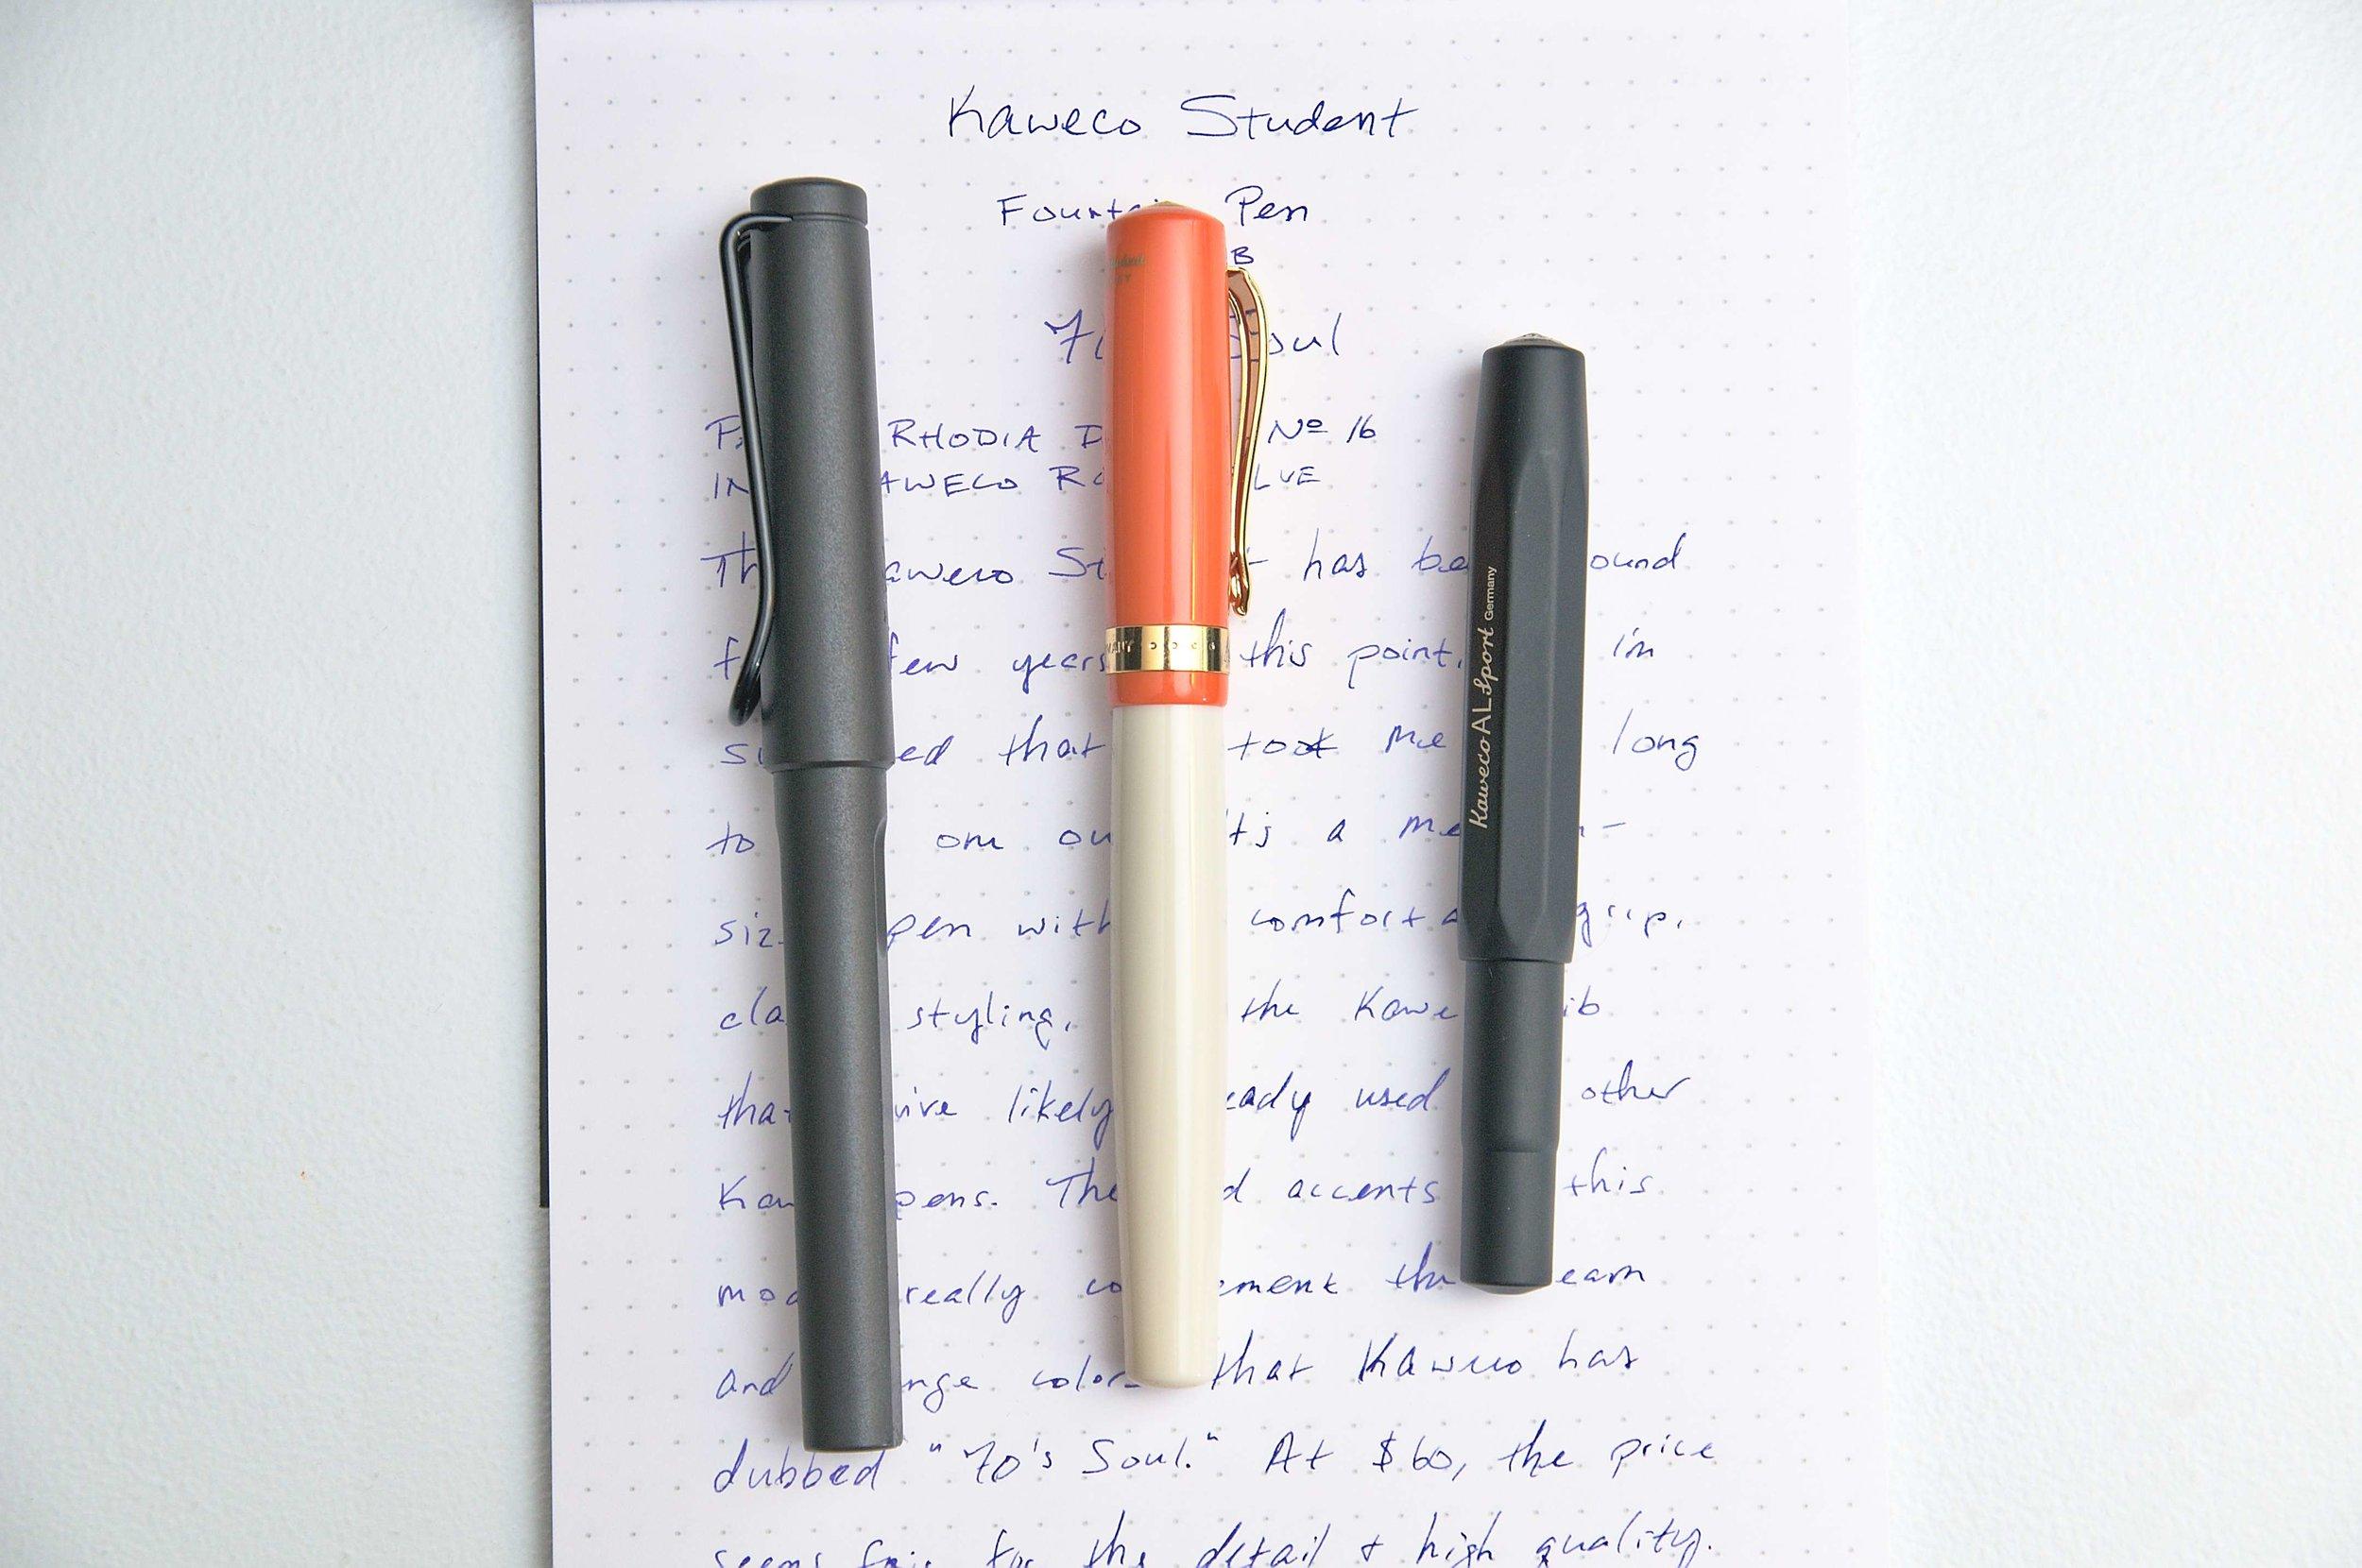 Kaweco Student Fountain Pen Comparison